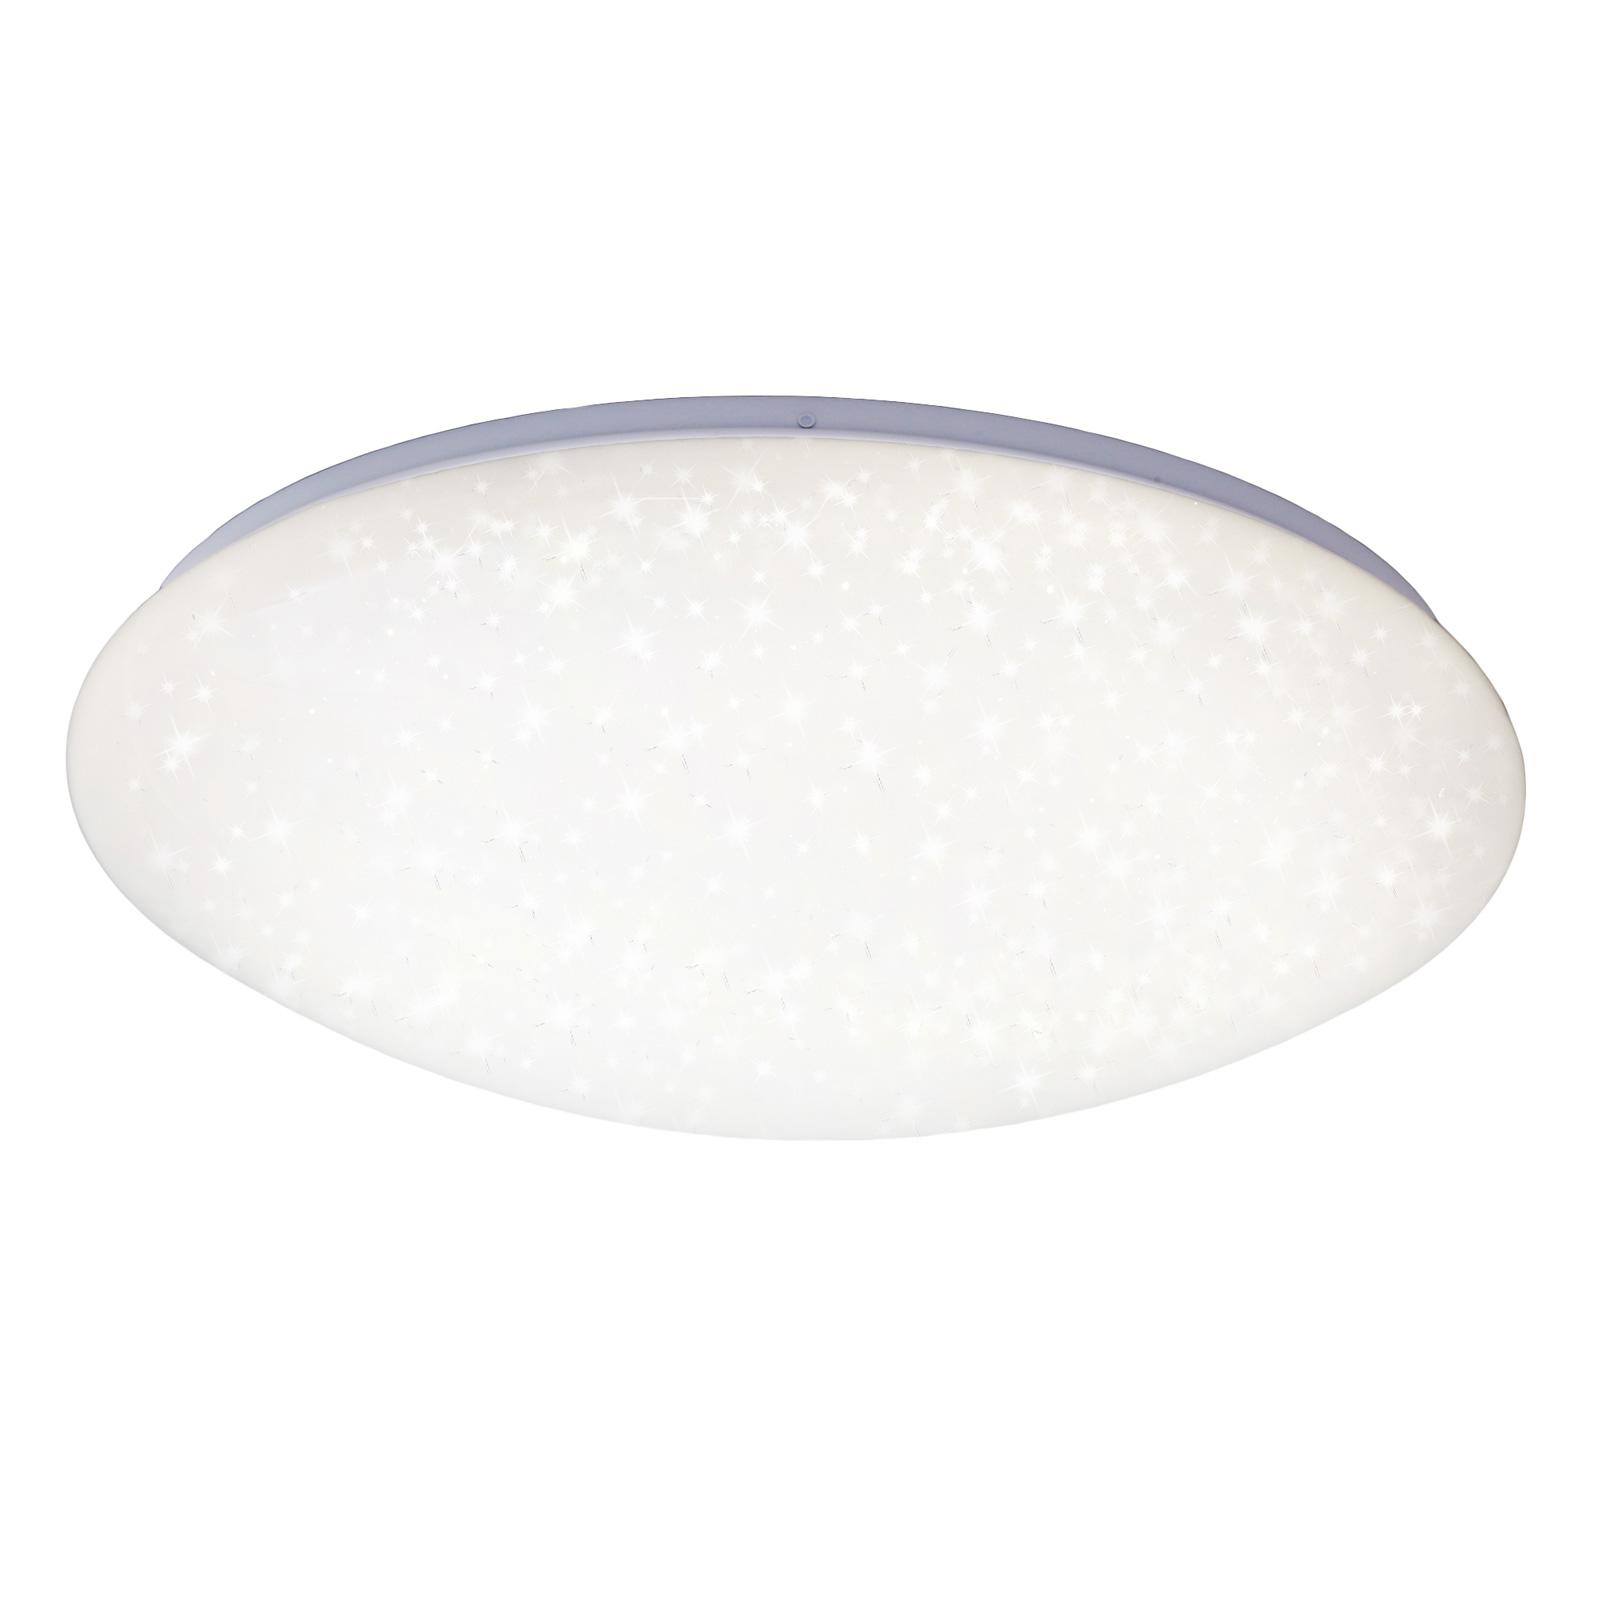 Lampa sufitowa LED 3226-016 gwieździste niebo 49cm